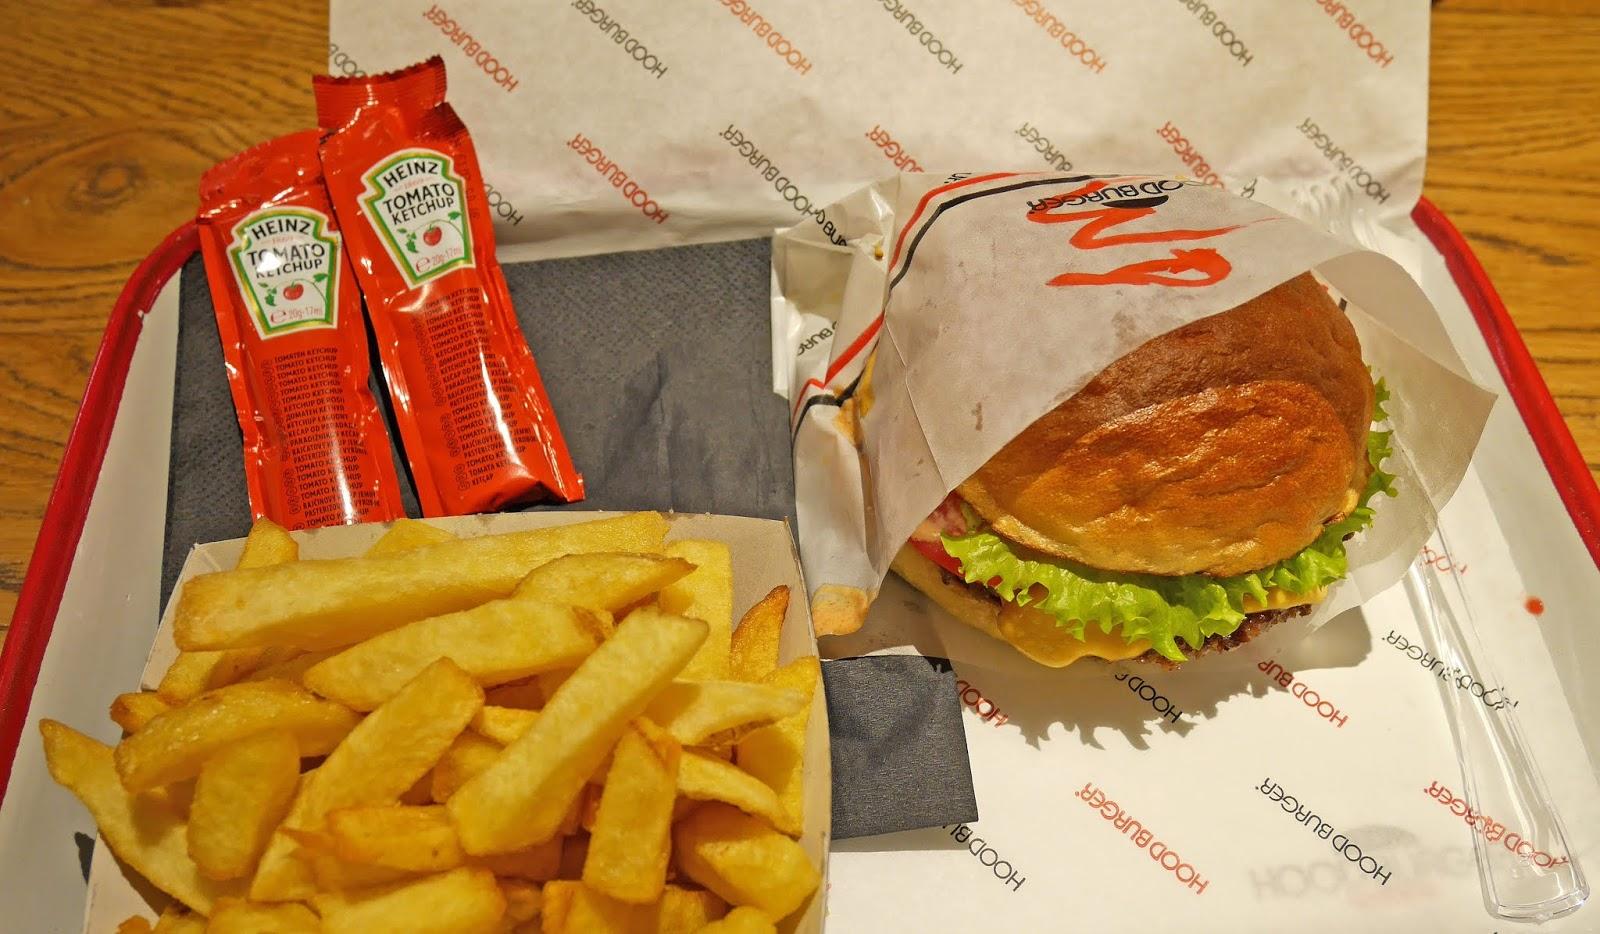 Burger and fries at Hood Burger in Ljubljana, Slovenia